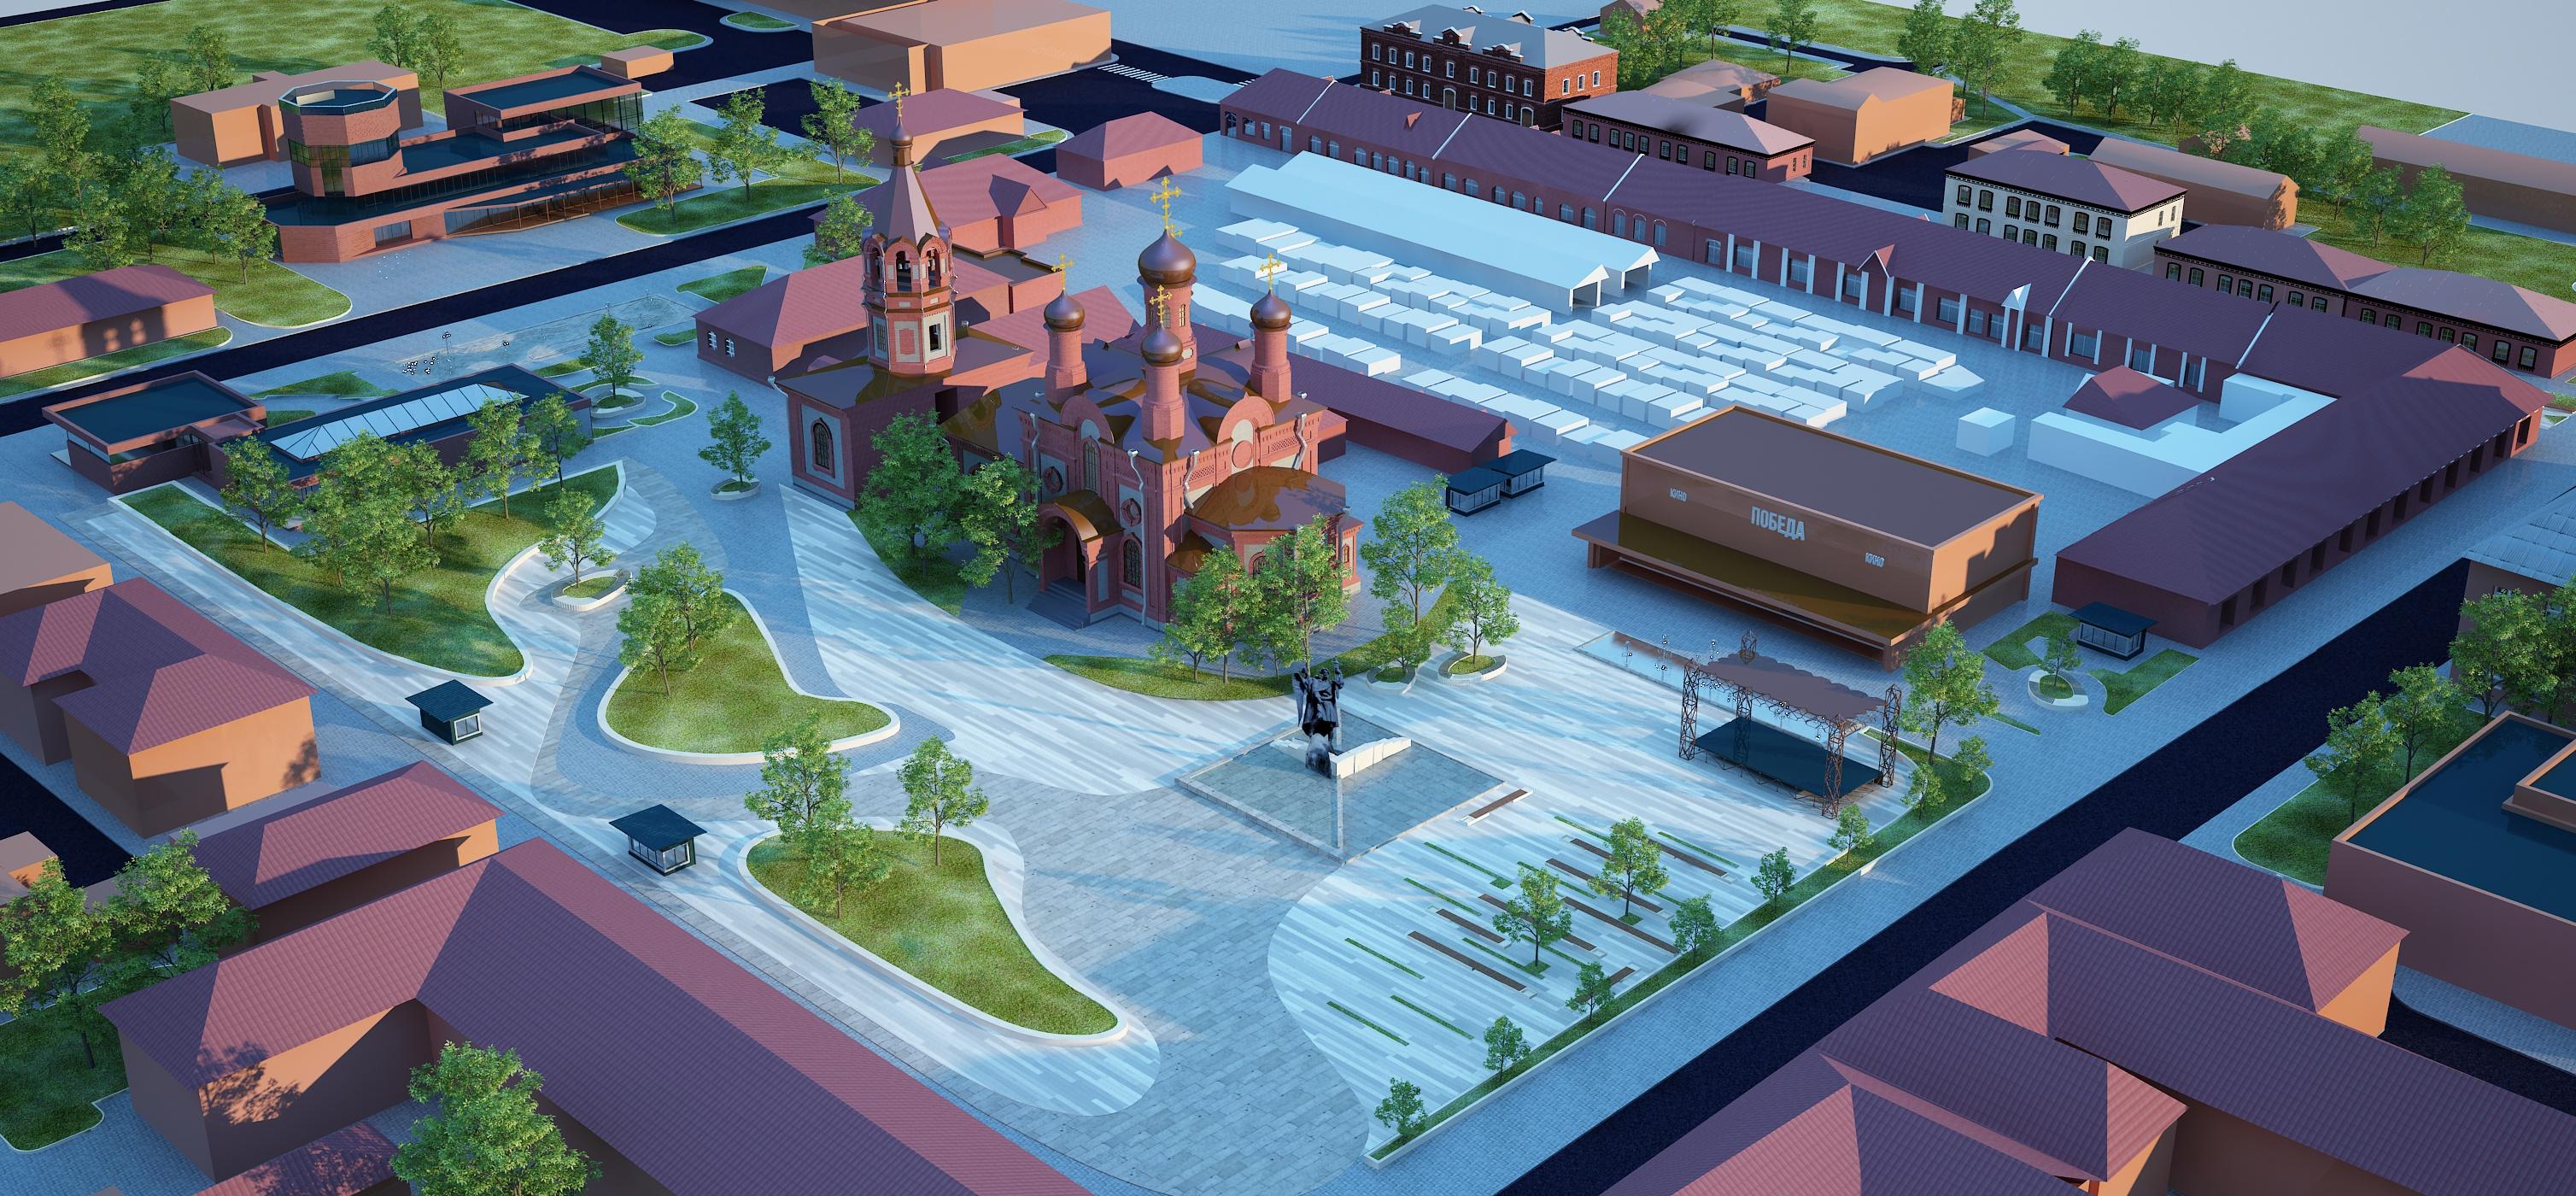 Реконструкция соборной площади в старой части г. Борисова